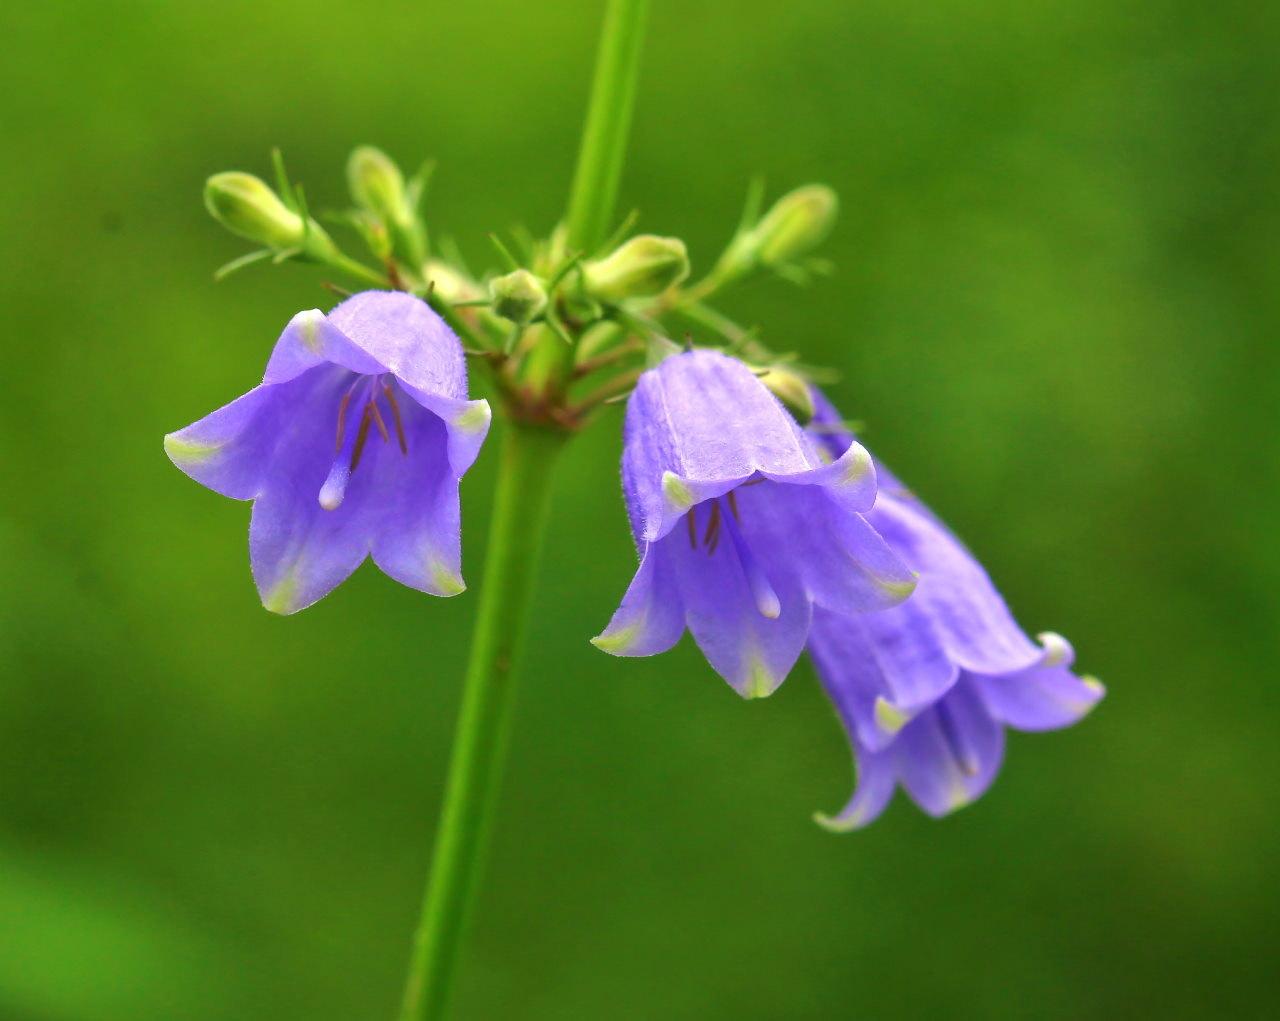 梅雨さ中 またまたレイクガーデンで花や虫_c0305565_17590871.jpg